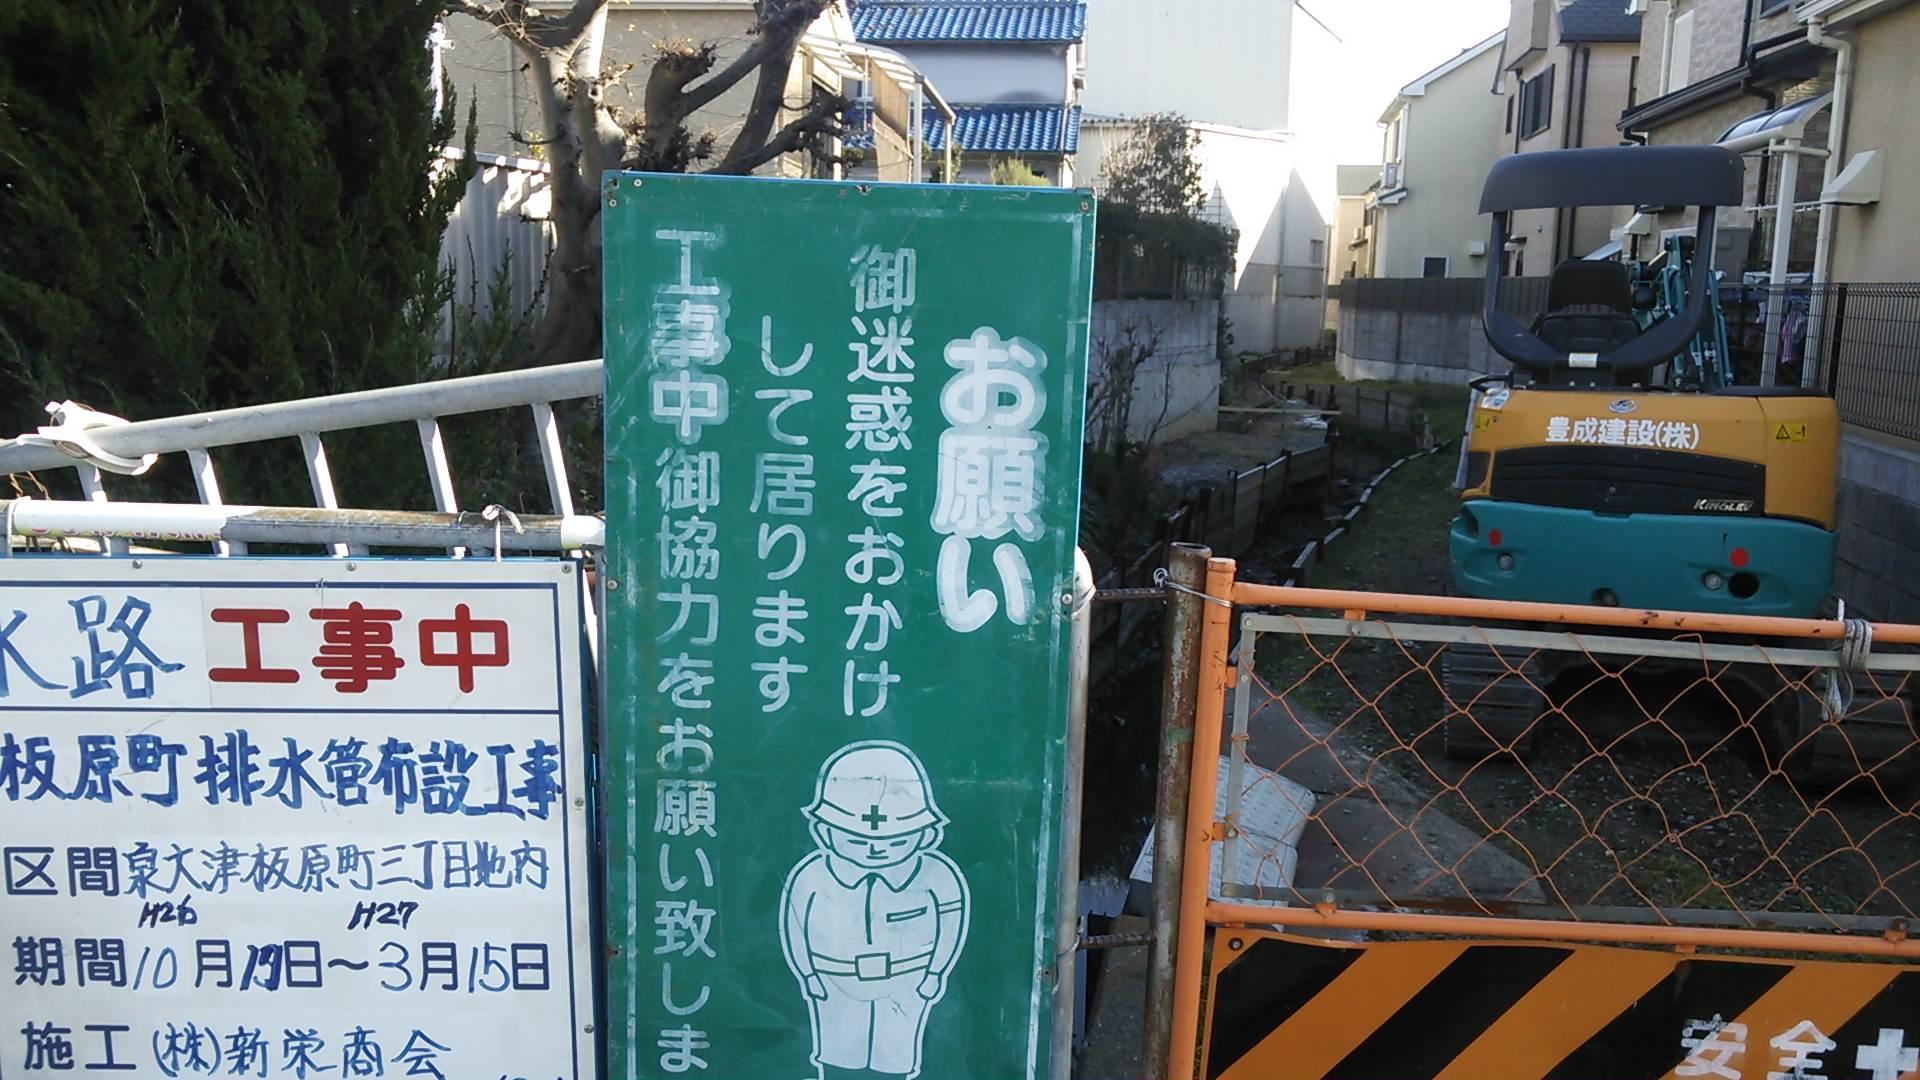 宝川水路(板原3丁目地内)改修工事がはじまりました。